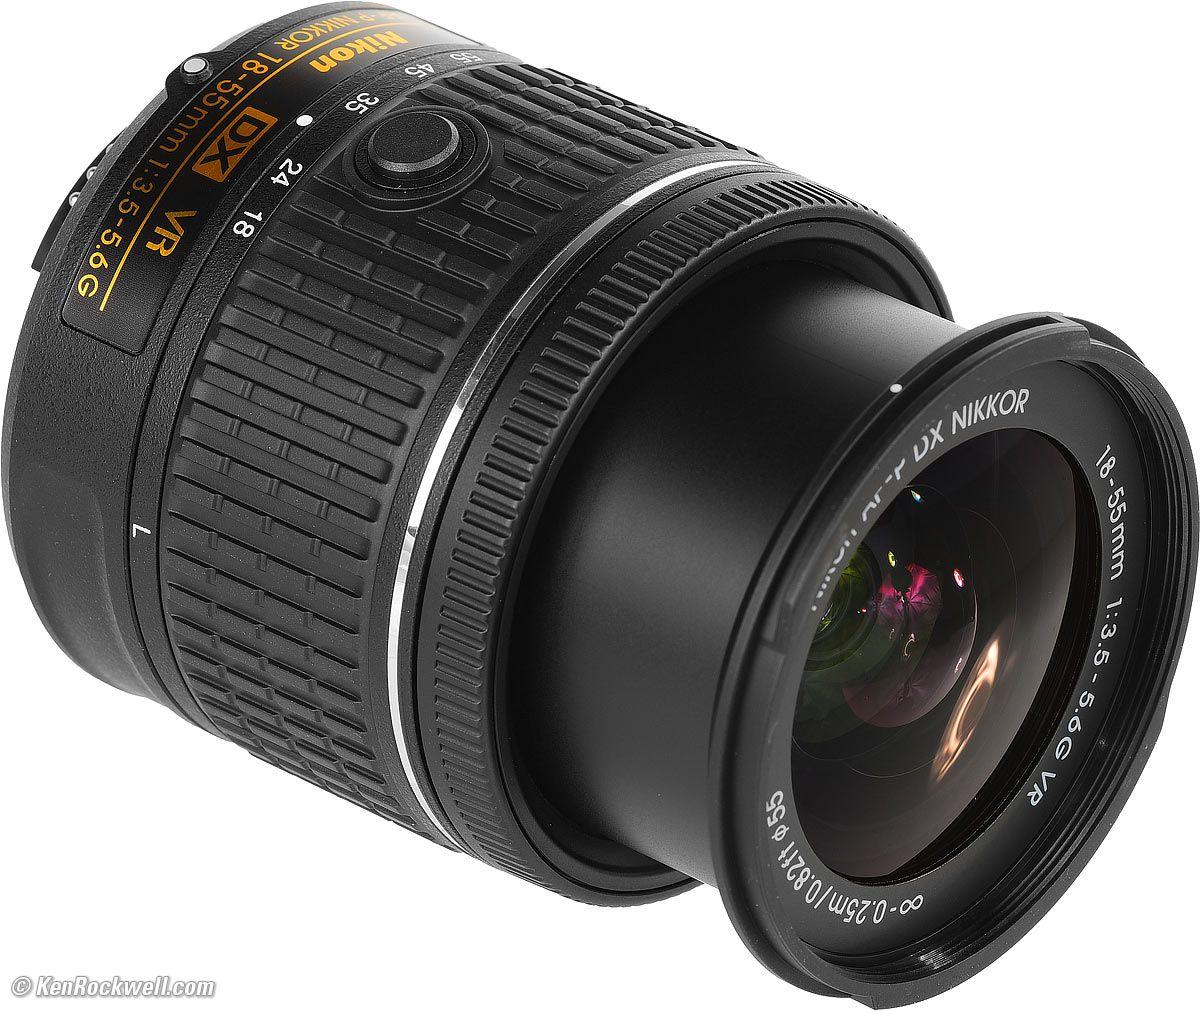 Af P Dx Nikkor 18 55mm F 3 5 5 6g Vr Nikon Lens Computer Reviews